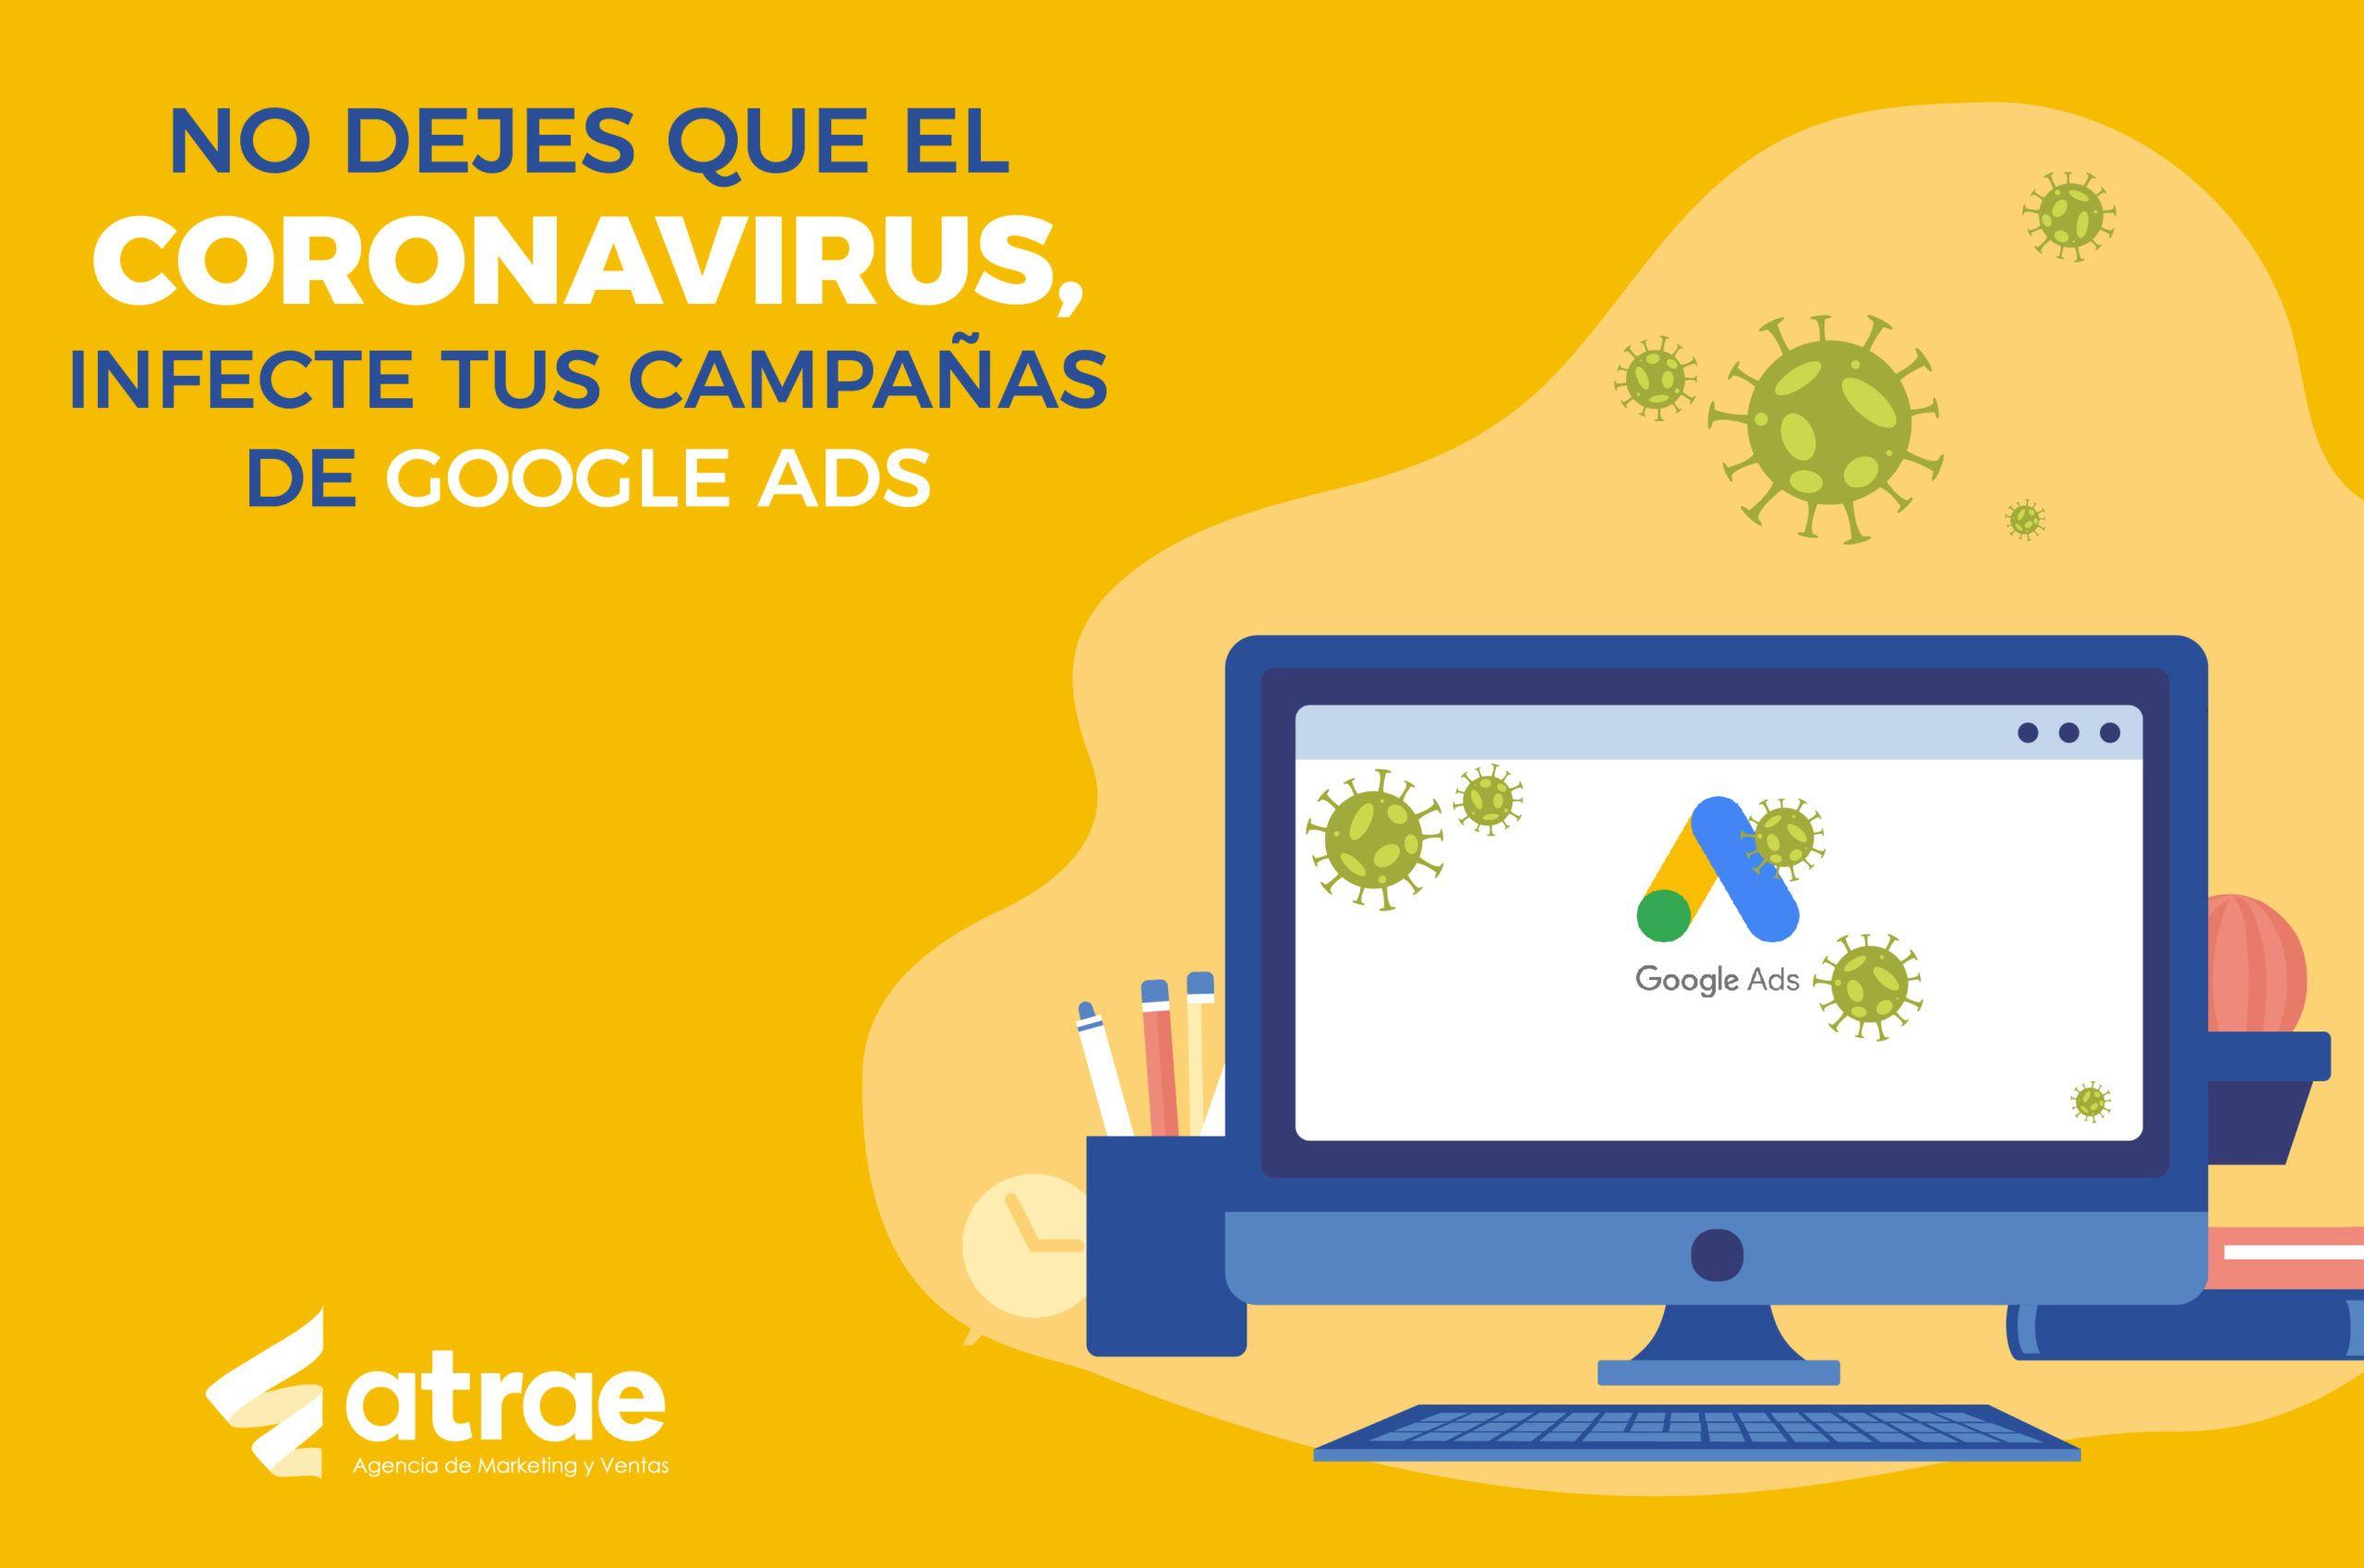 No dejes que el coronavirus infecte tus campañas de Google Ads ATRAE Agencia en embudos de conversión Bogotá